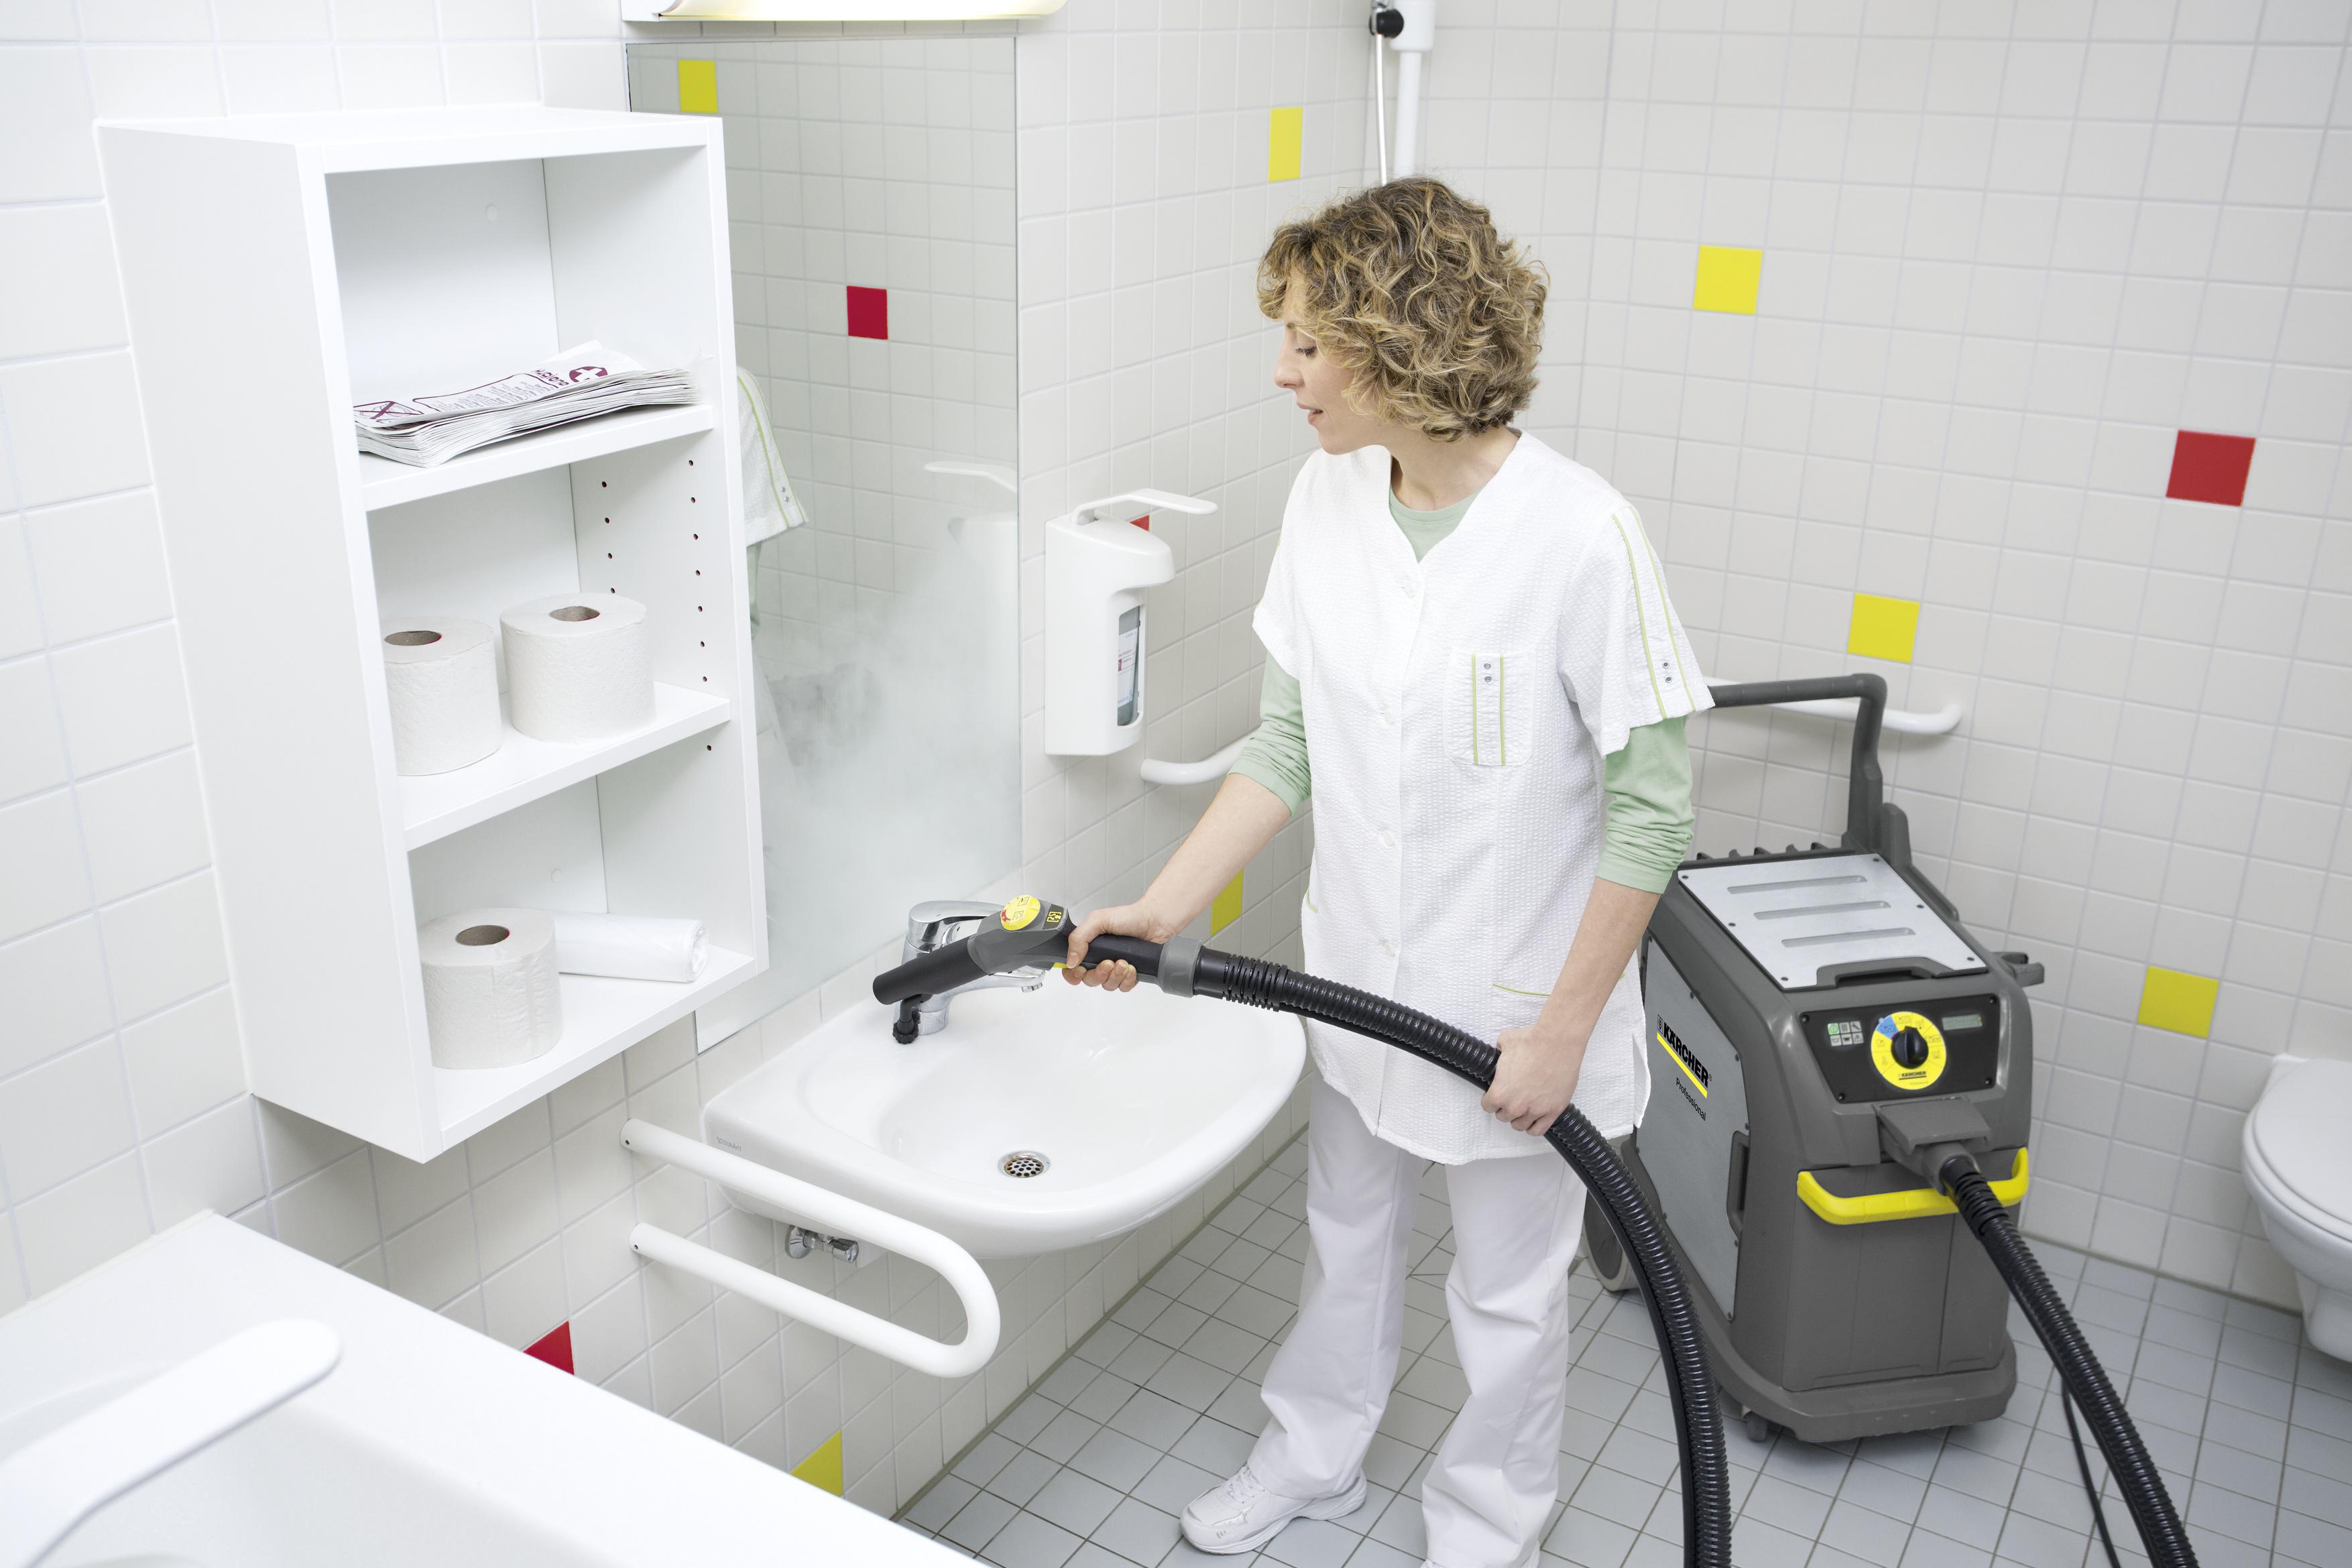 使用卡赫蒸汽机消毒杀菌的解决方案